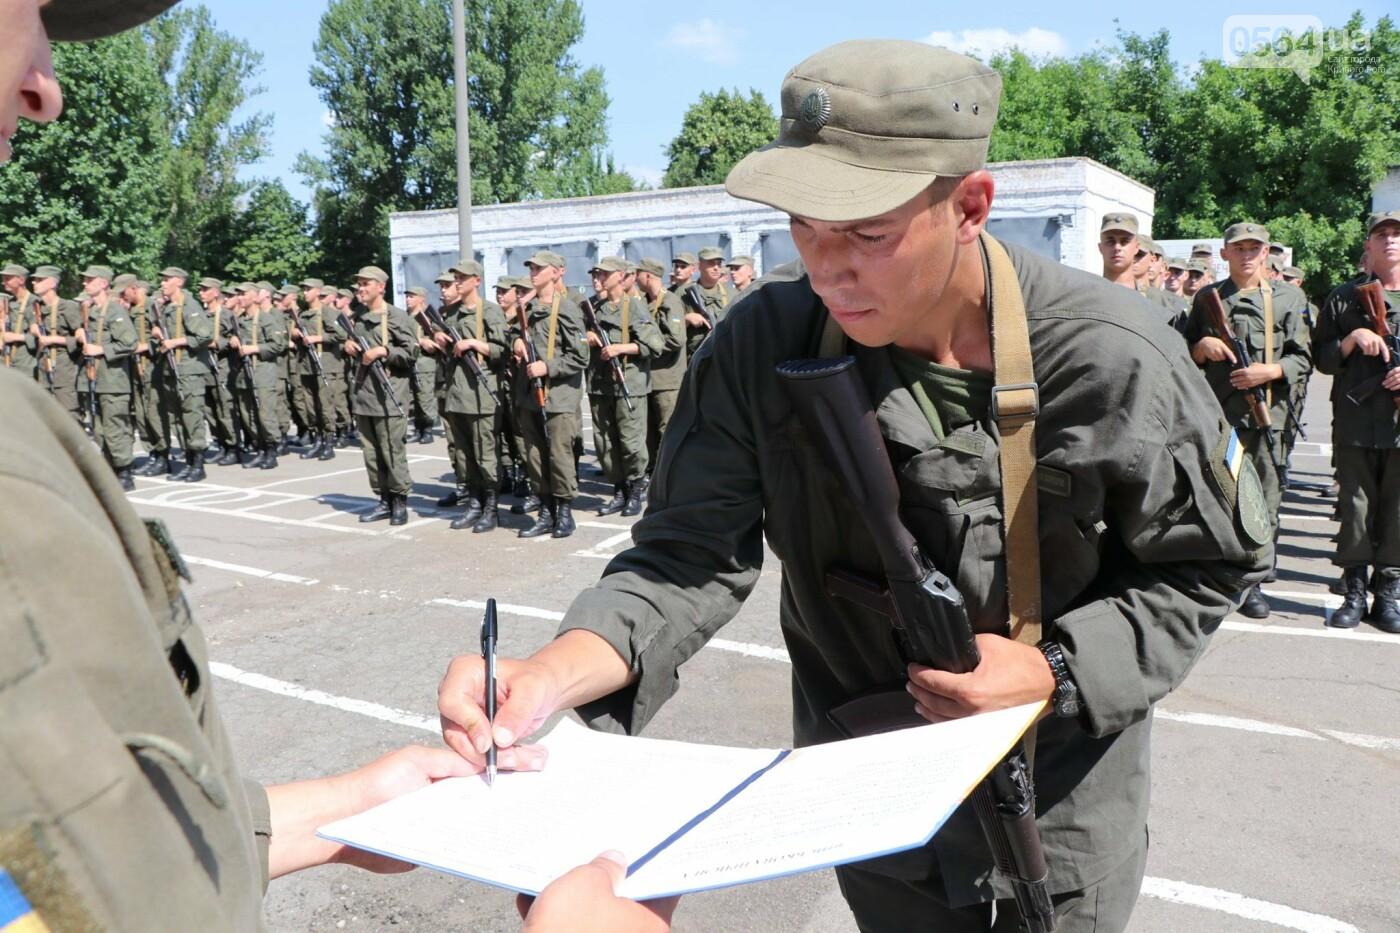 В Кривом Роге 168 нацгвардейцев торжественно приняли присягу на верность украинскому народу, - ФОТО, фото-4